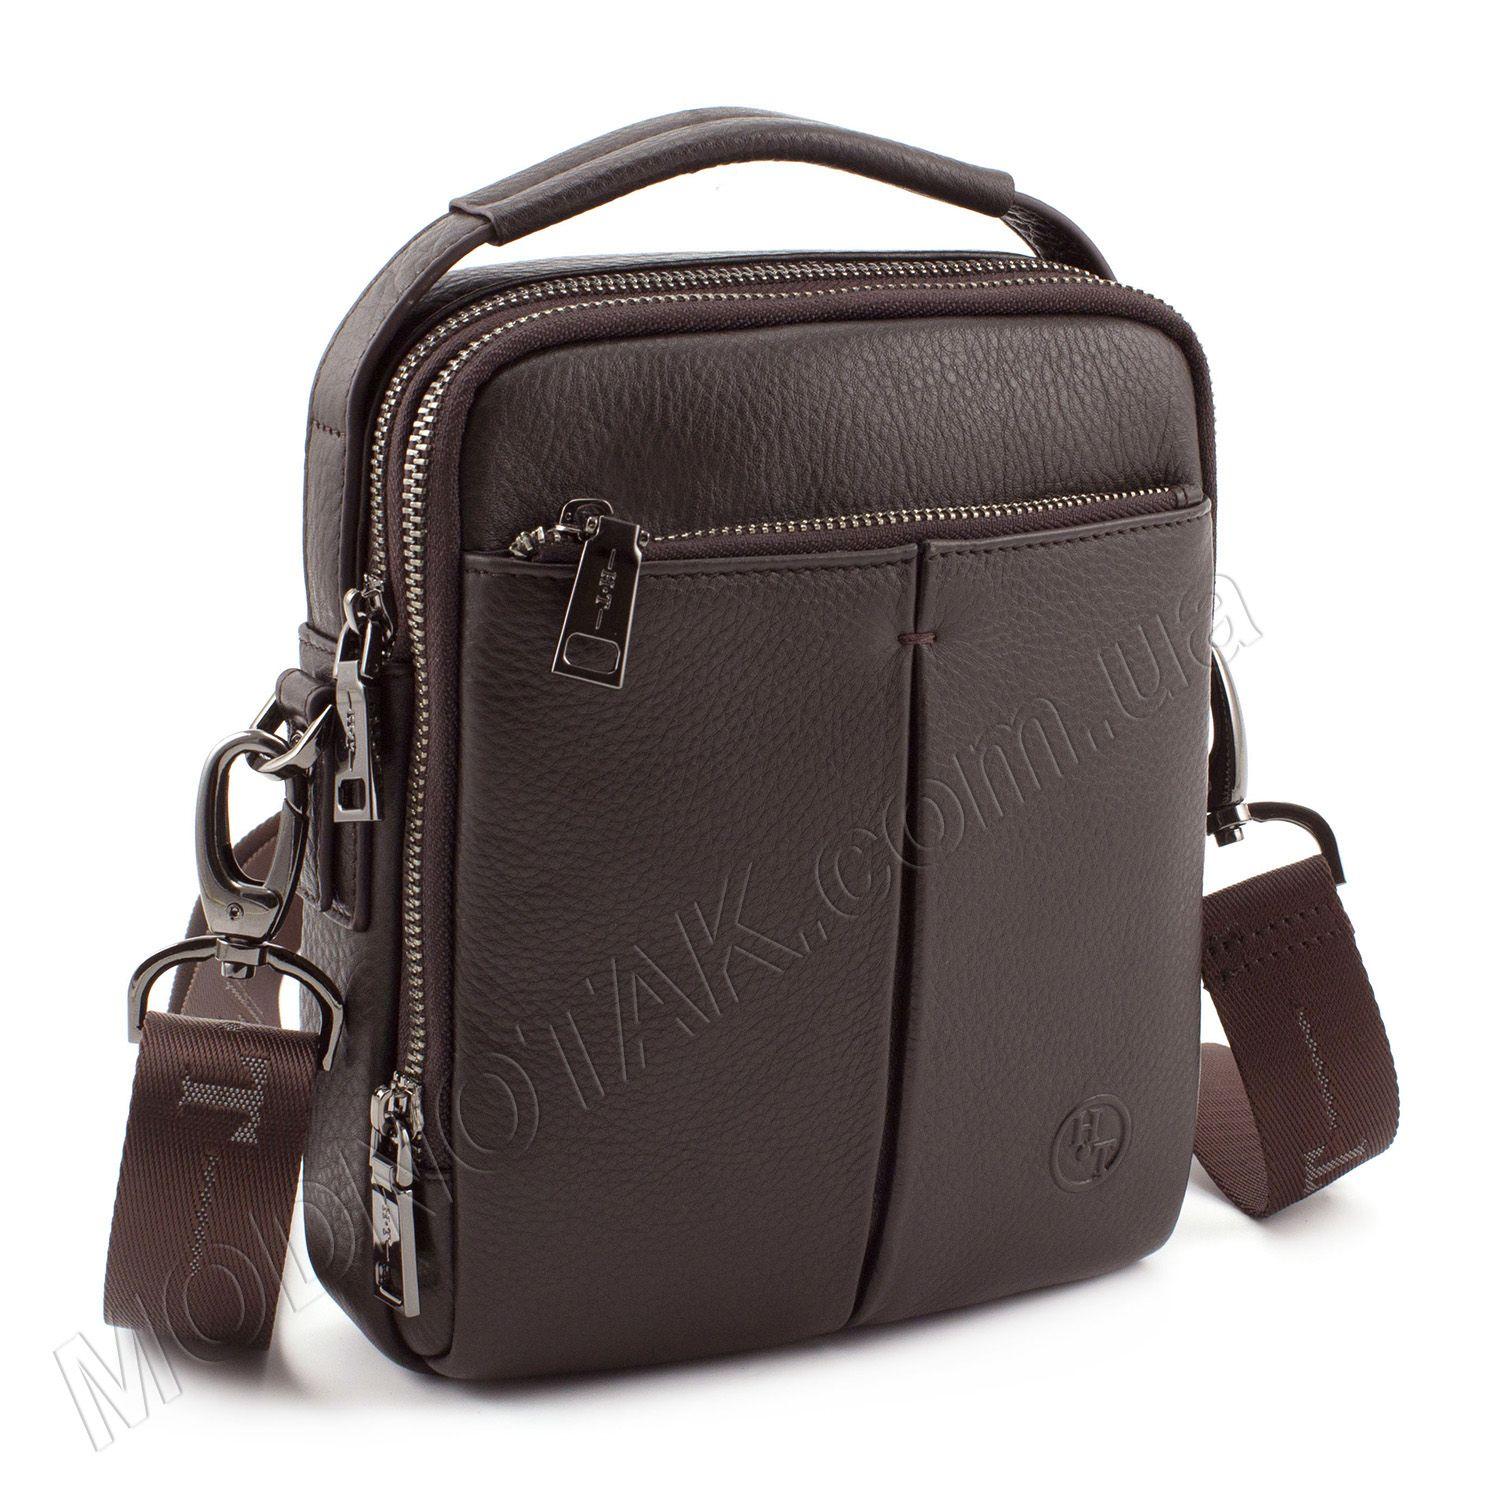 49417ad58551 Маленькая кожаная сумка коричневого цвета с ручкой H.T. Leather (422-5  brown)